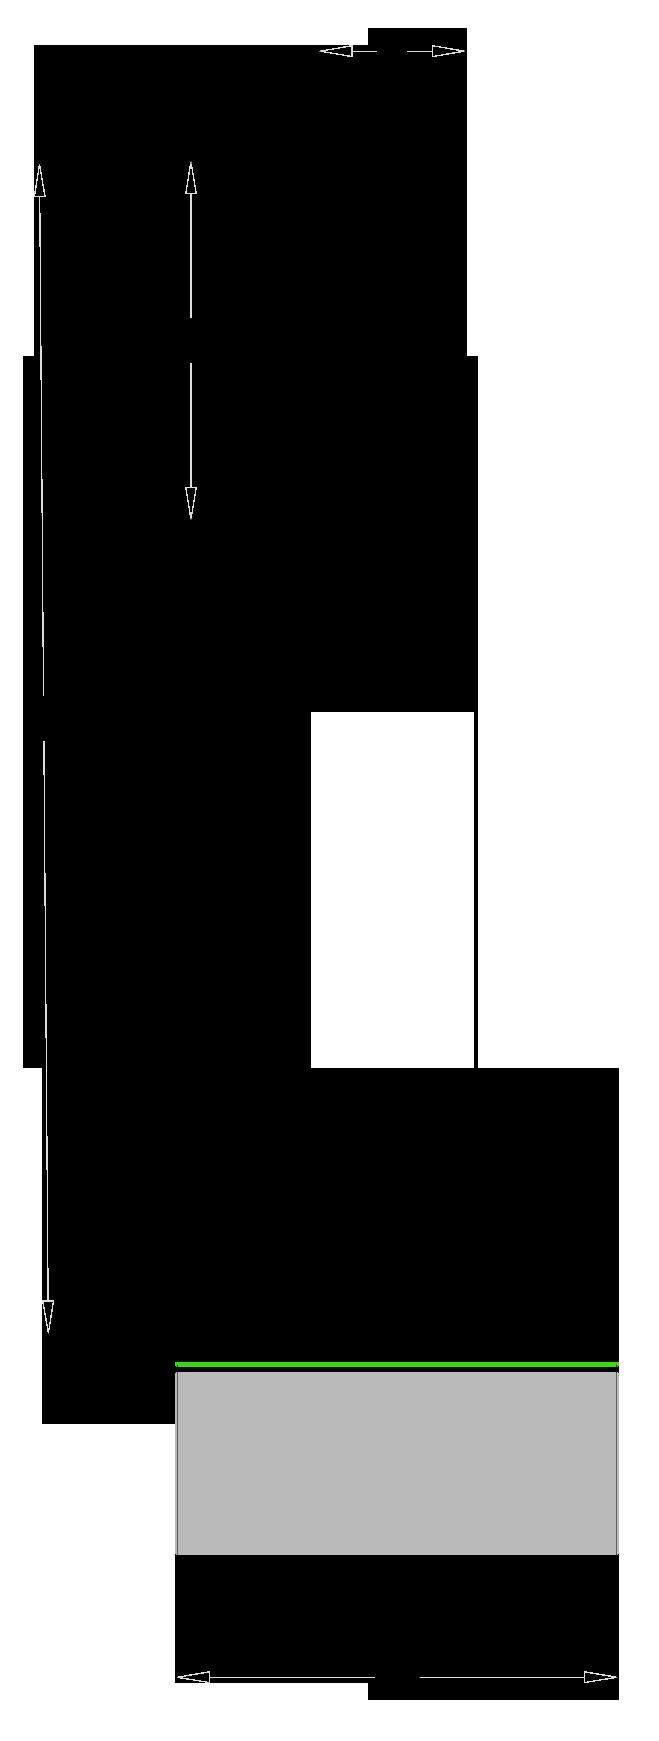 Fresa per trapano a colonna in Acciaio SP - disegno tecnico